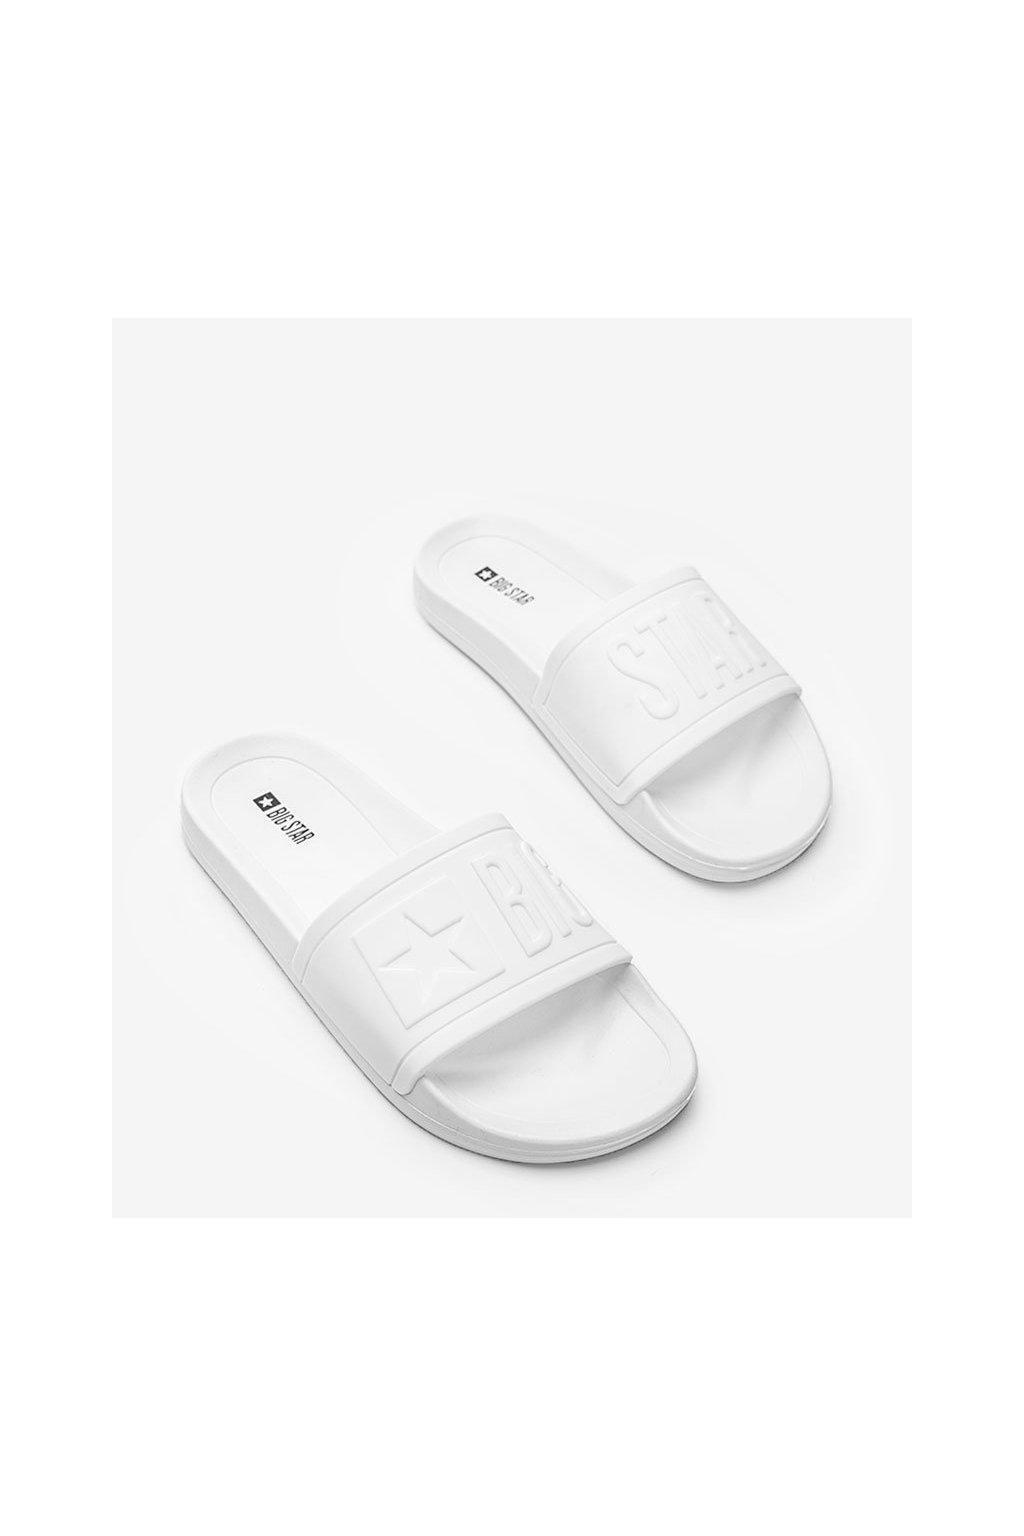 Dámske topánky BS biele kód DD174687 - GM